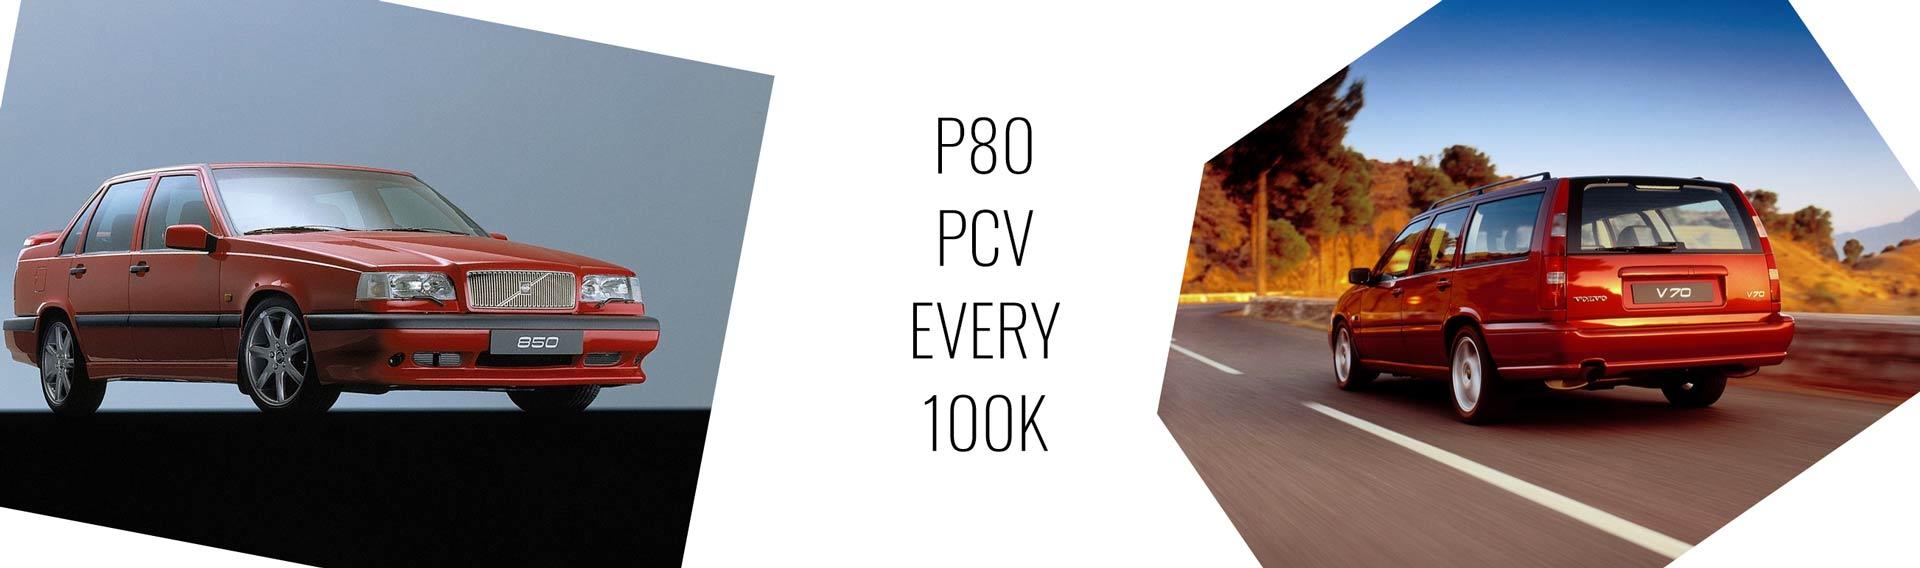 P80 Pcv -